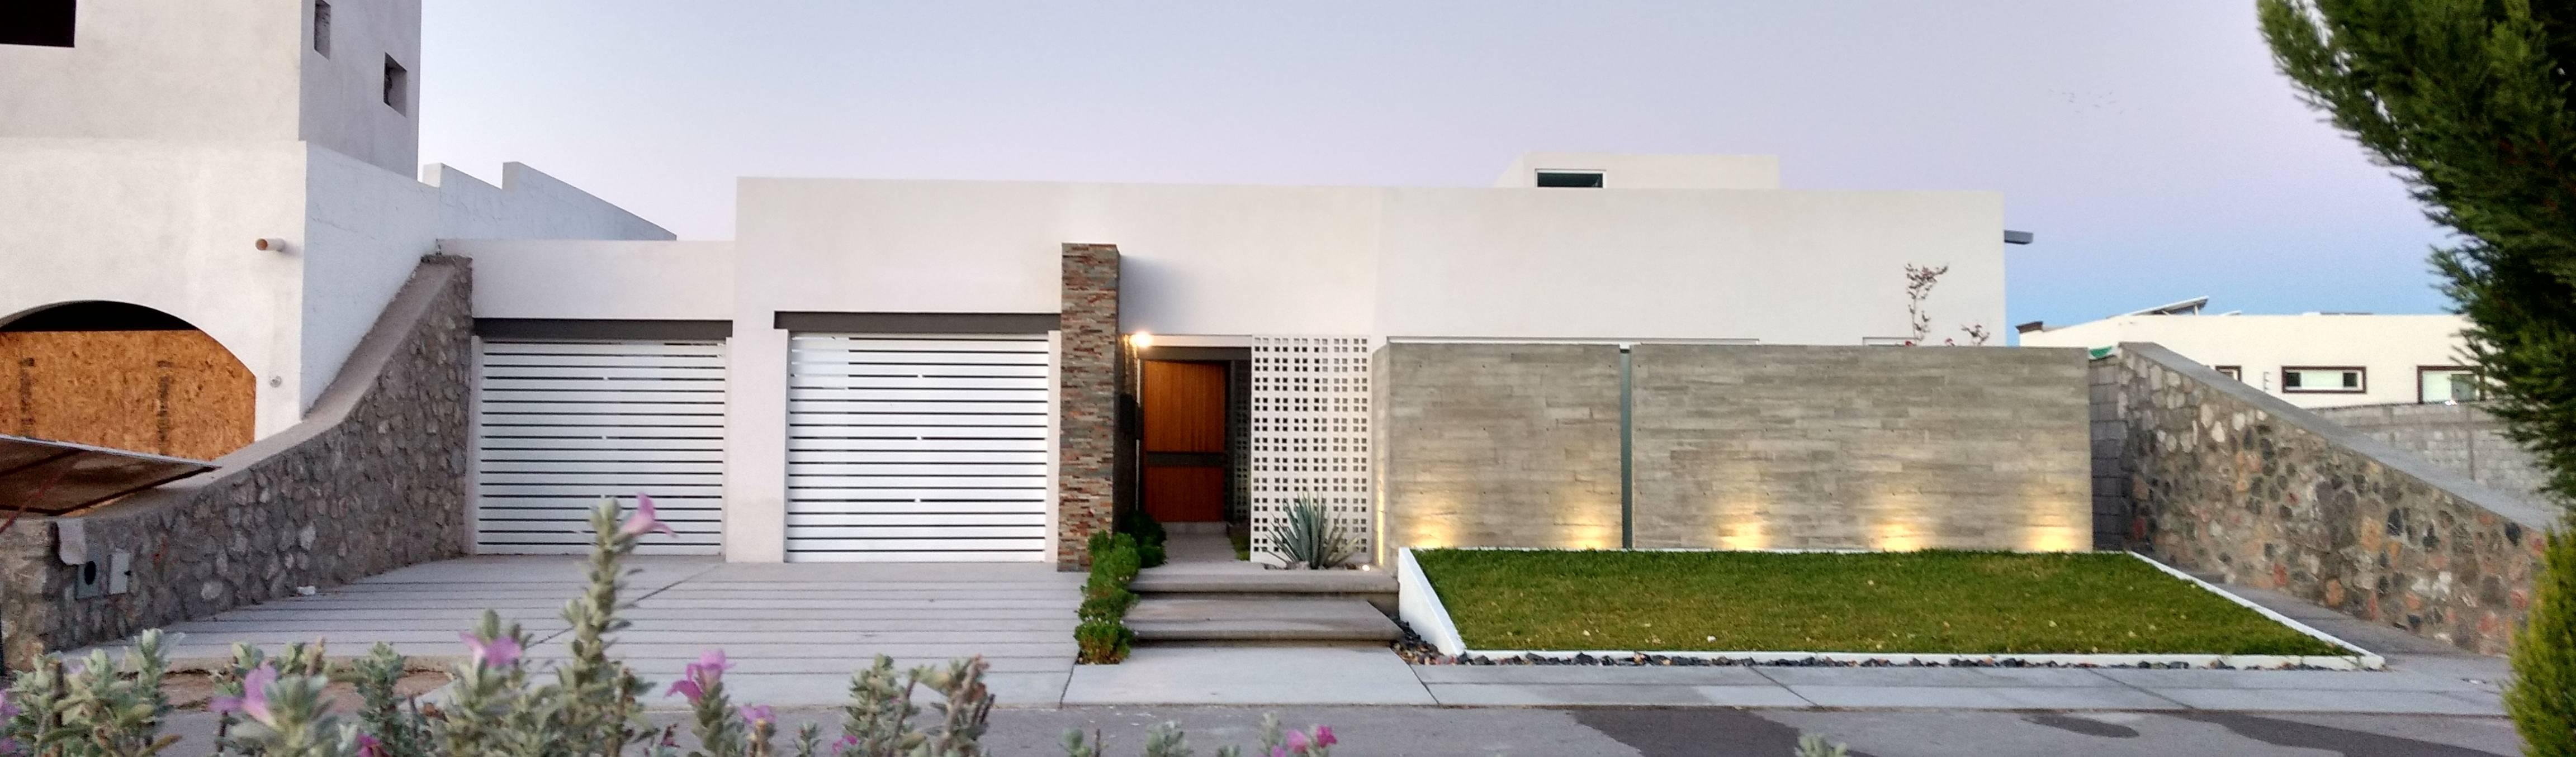 c2 estudio de arquitectura